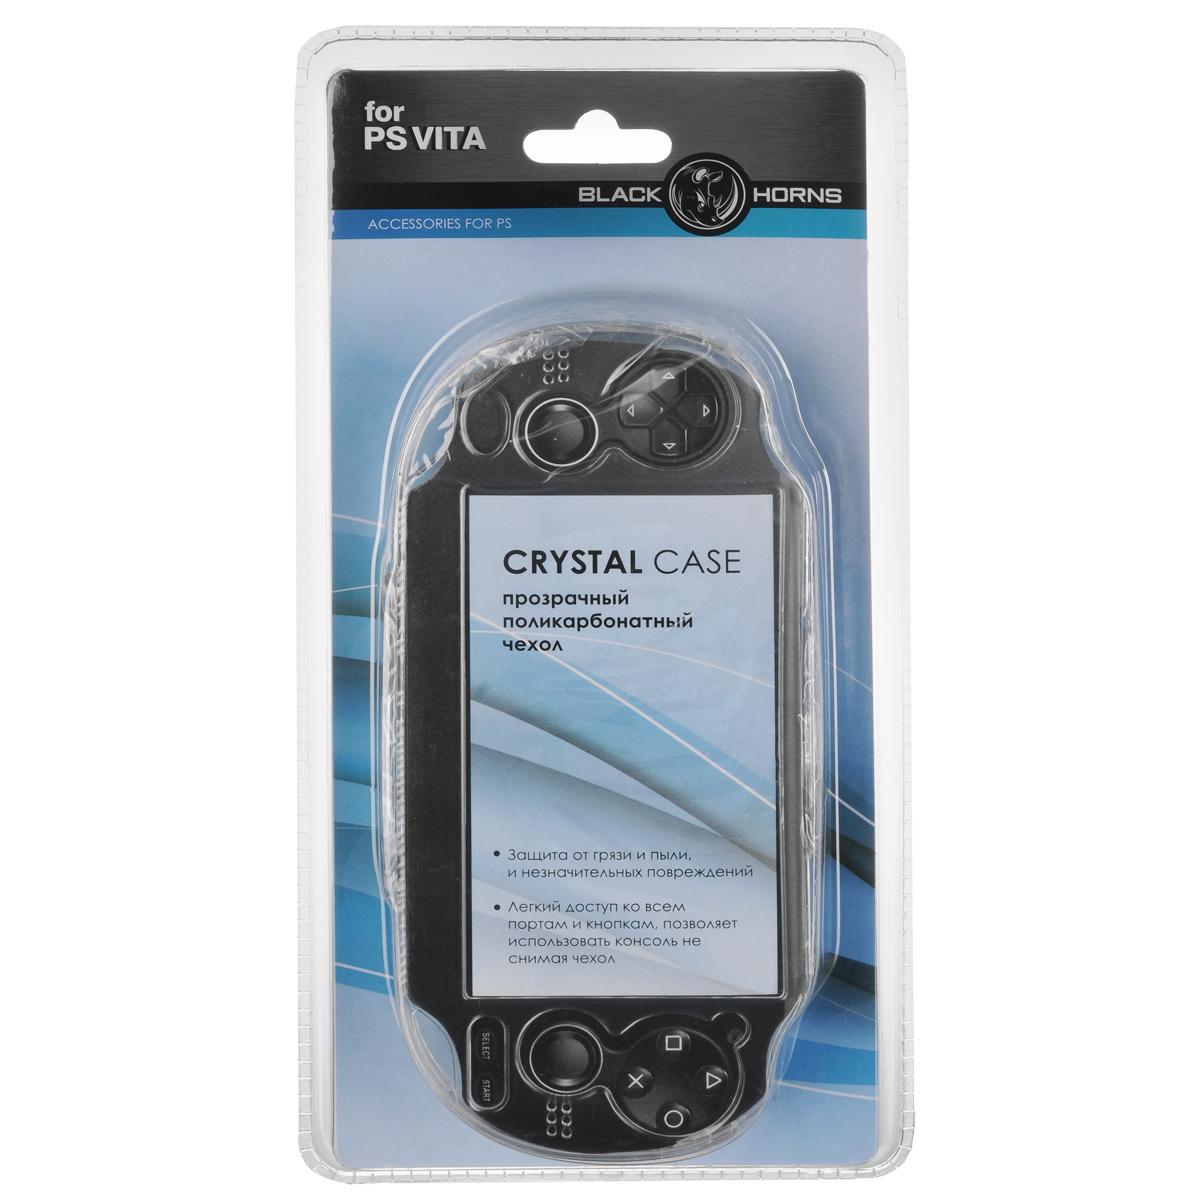 Защитный чехол Black Horns для Sony PS VITA (прозрачный) эпос sony t3 телефона sony m50w mobile shell d5103 мягкая прозрачная 5106 5102 силиконовый защитный чехол